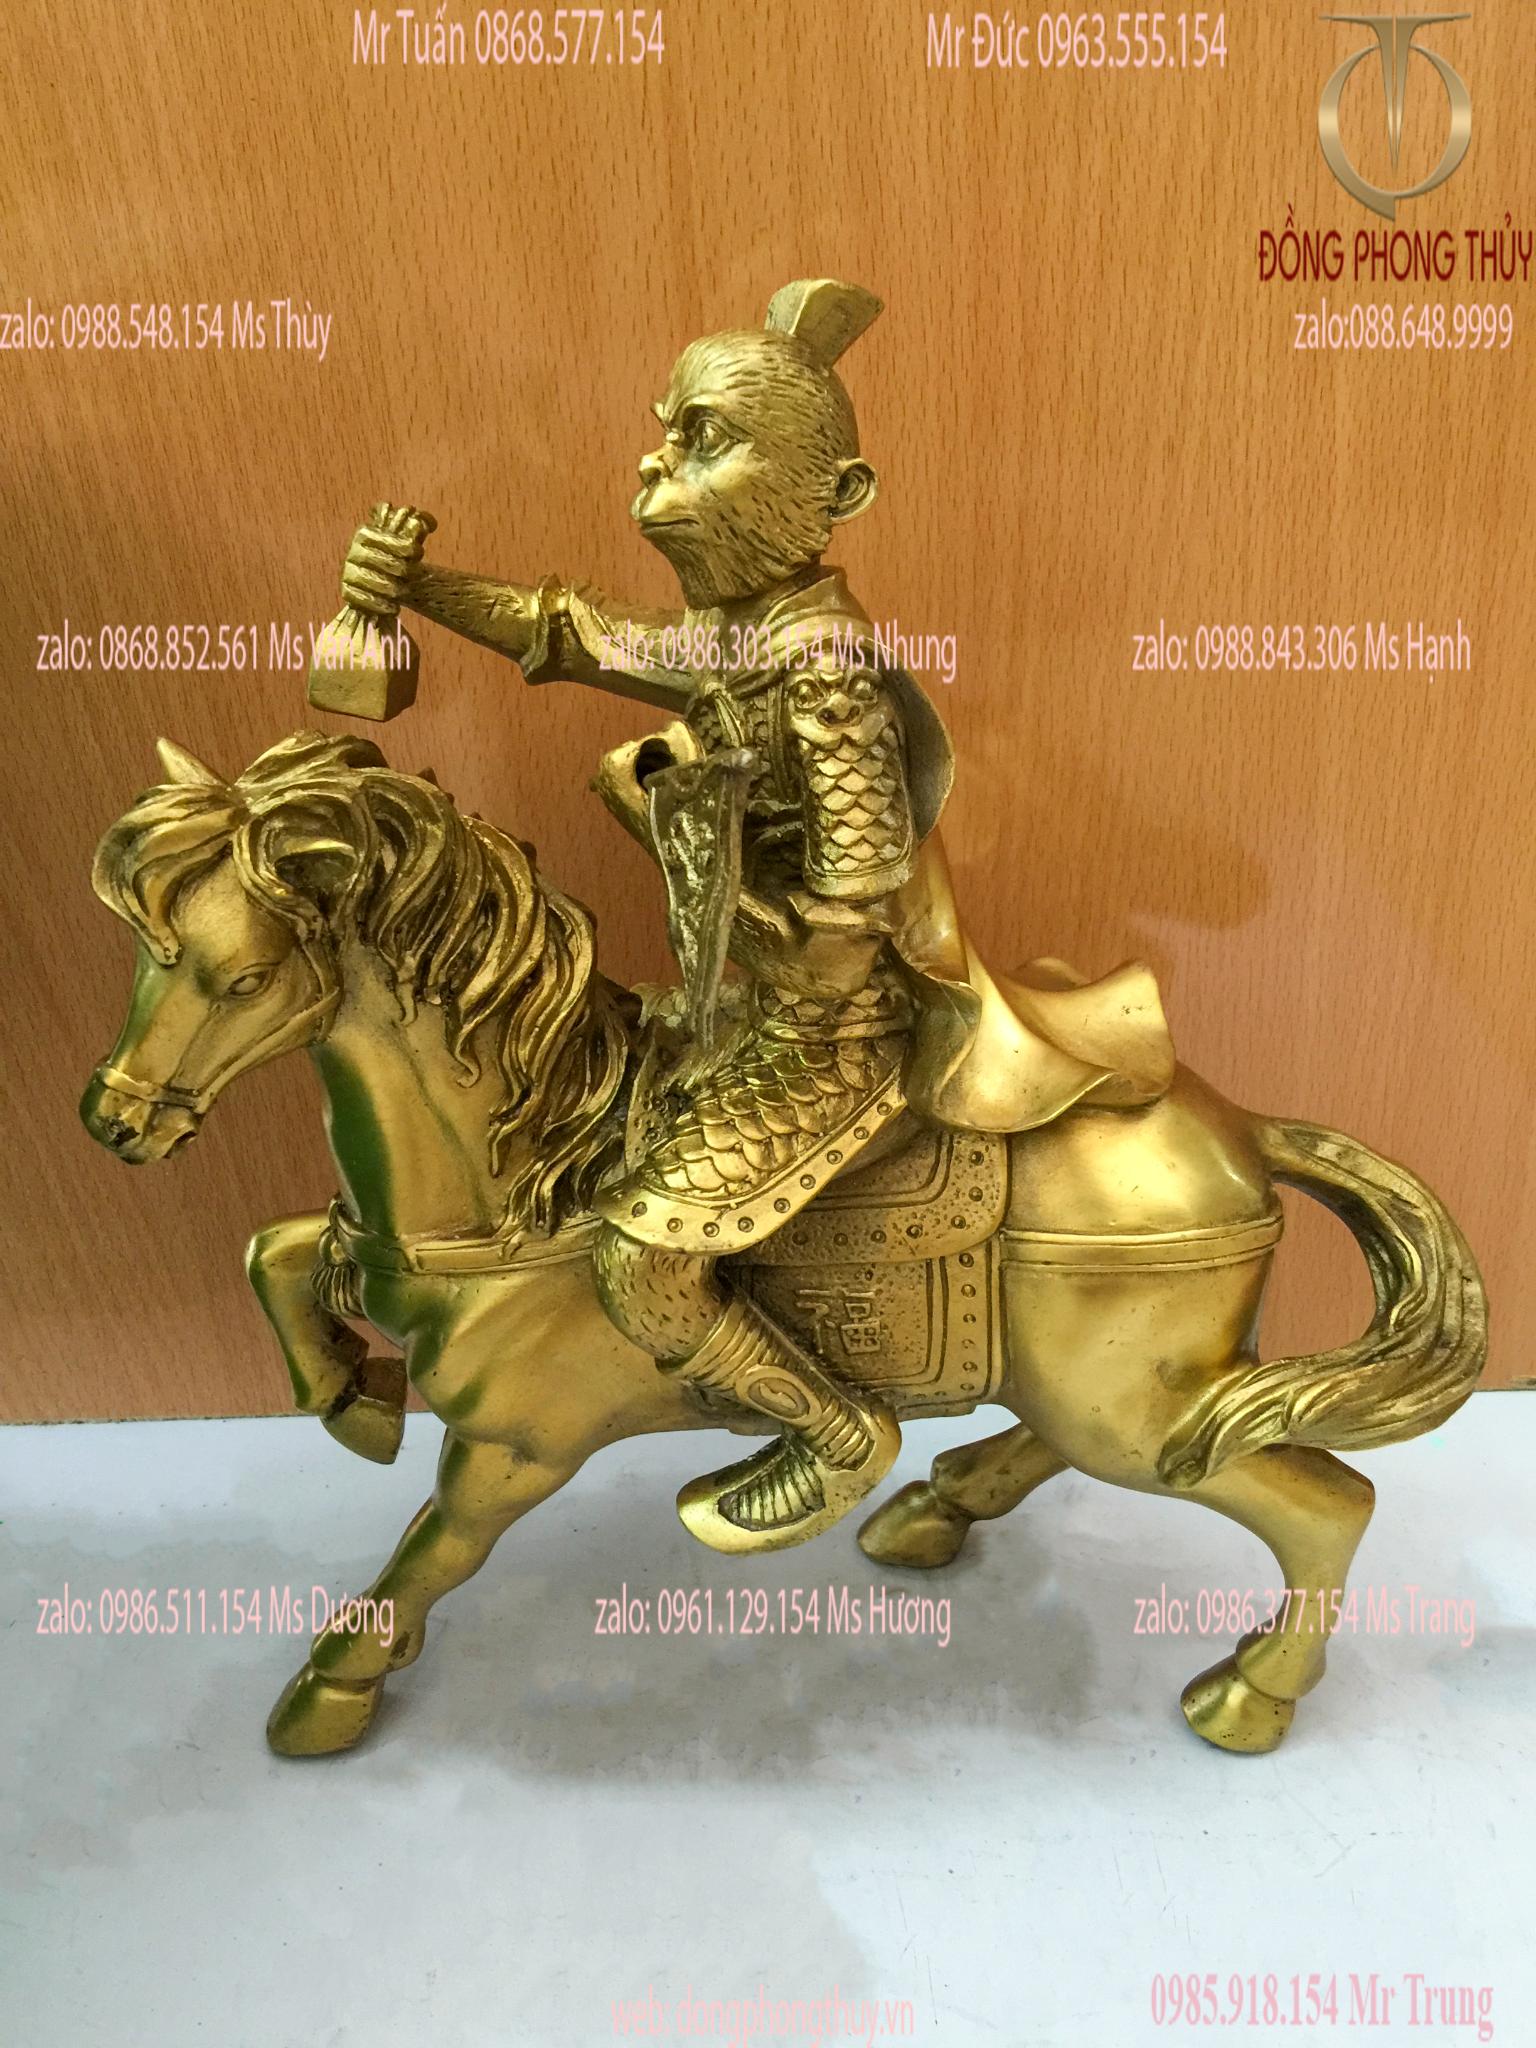 Tượng mã thượng phong hầu khỉ cưỡi ngựa phong thủy bằng đồng